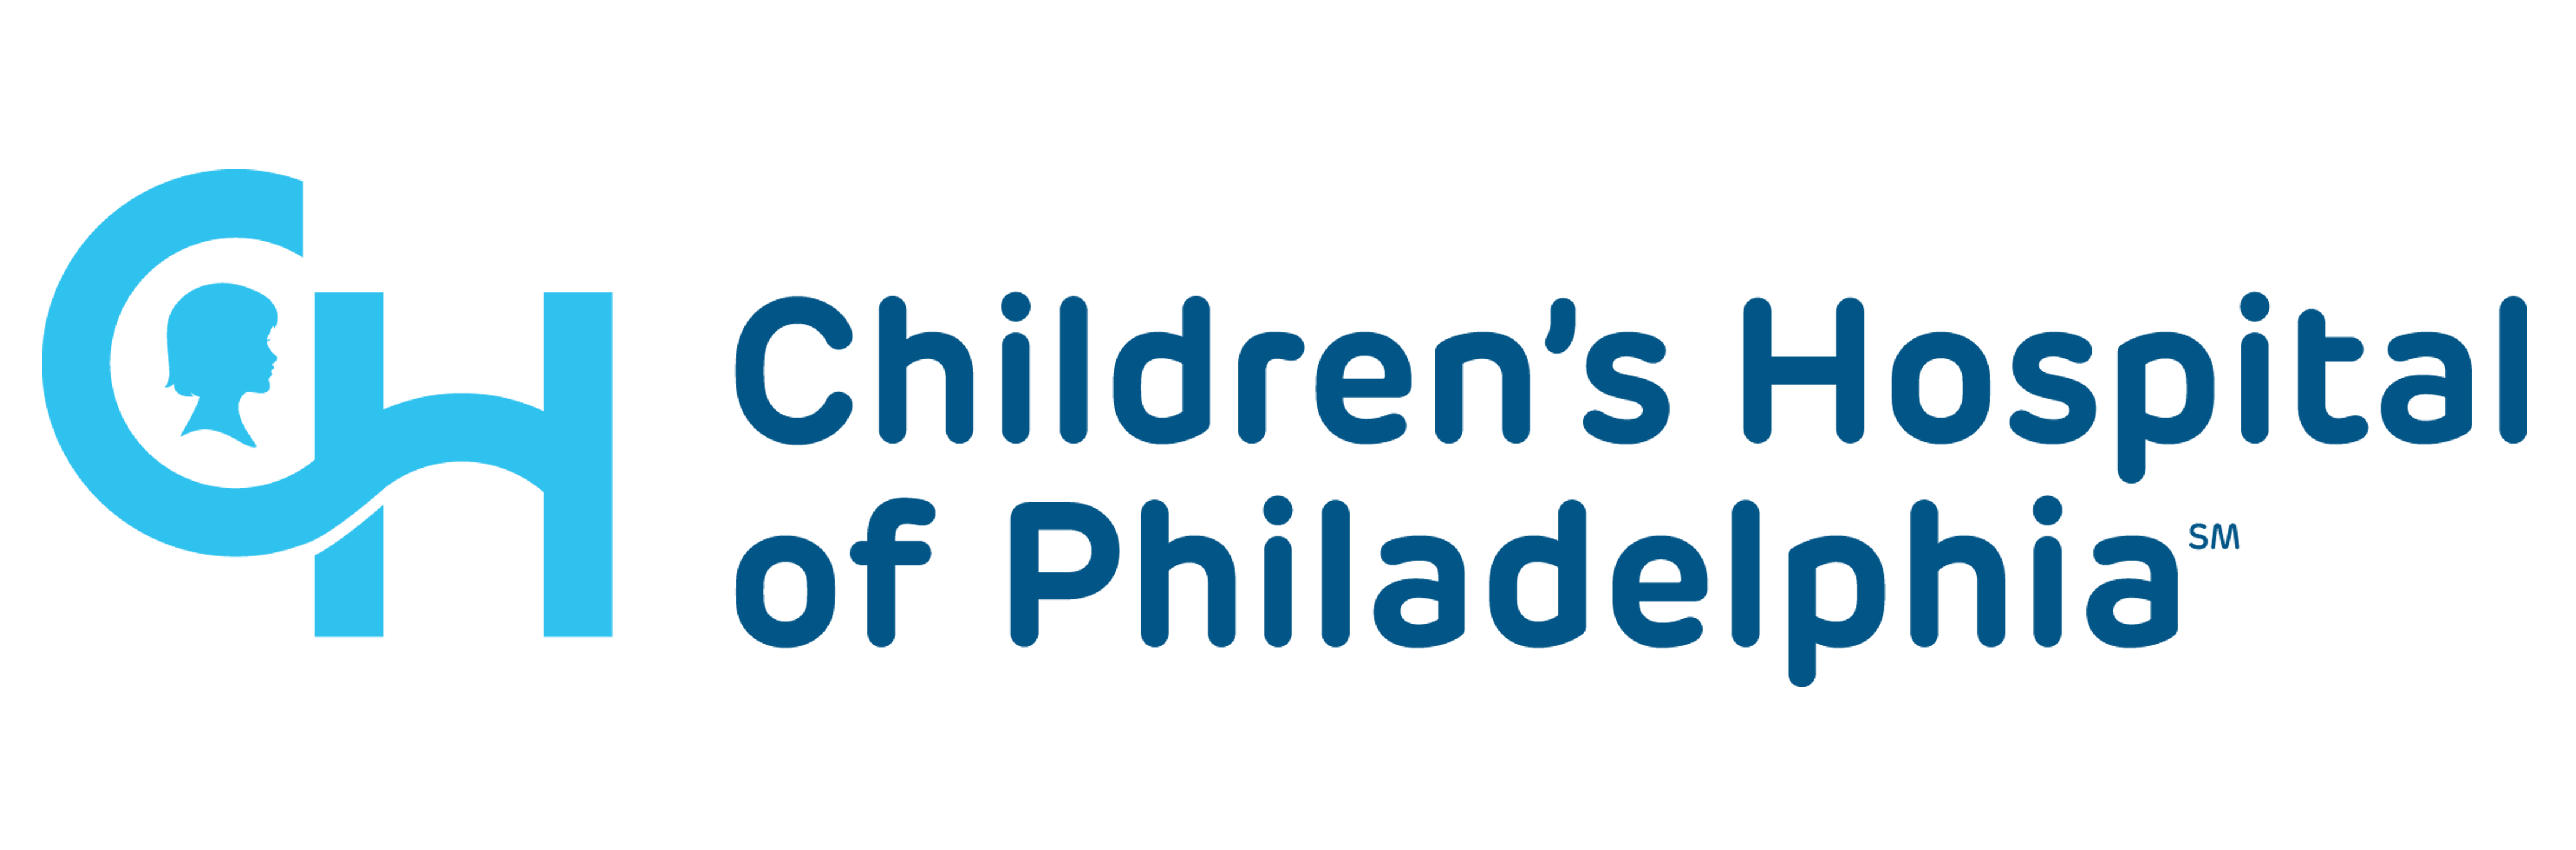 Children's Hospital of Philadelphia | Alex's Lemonade Stand